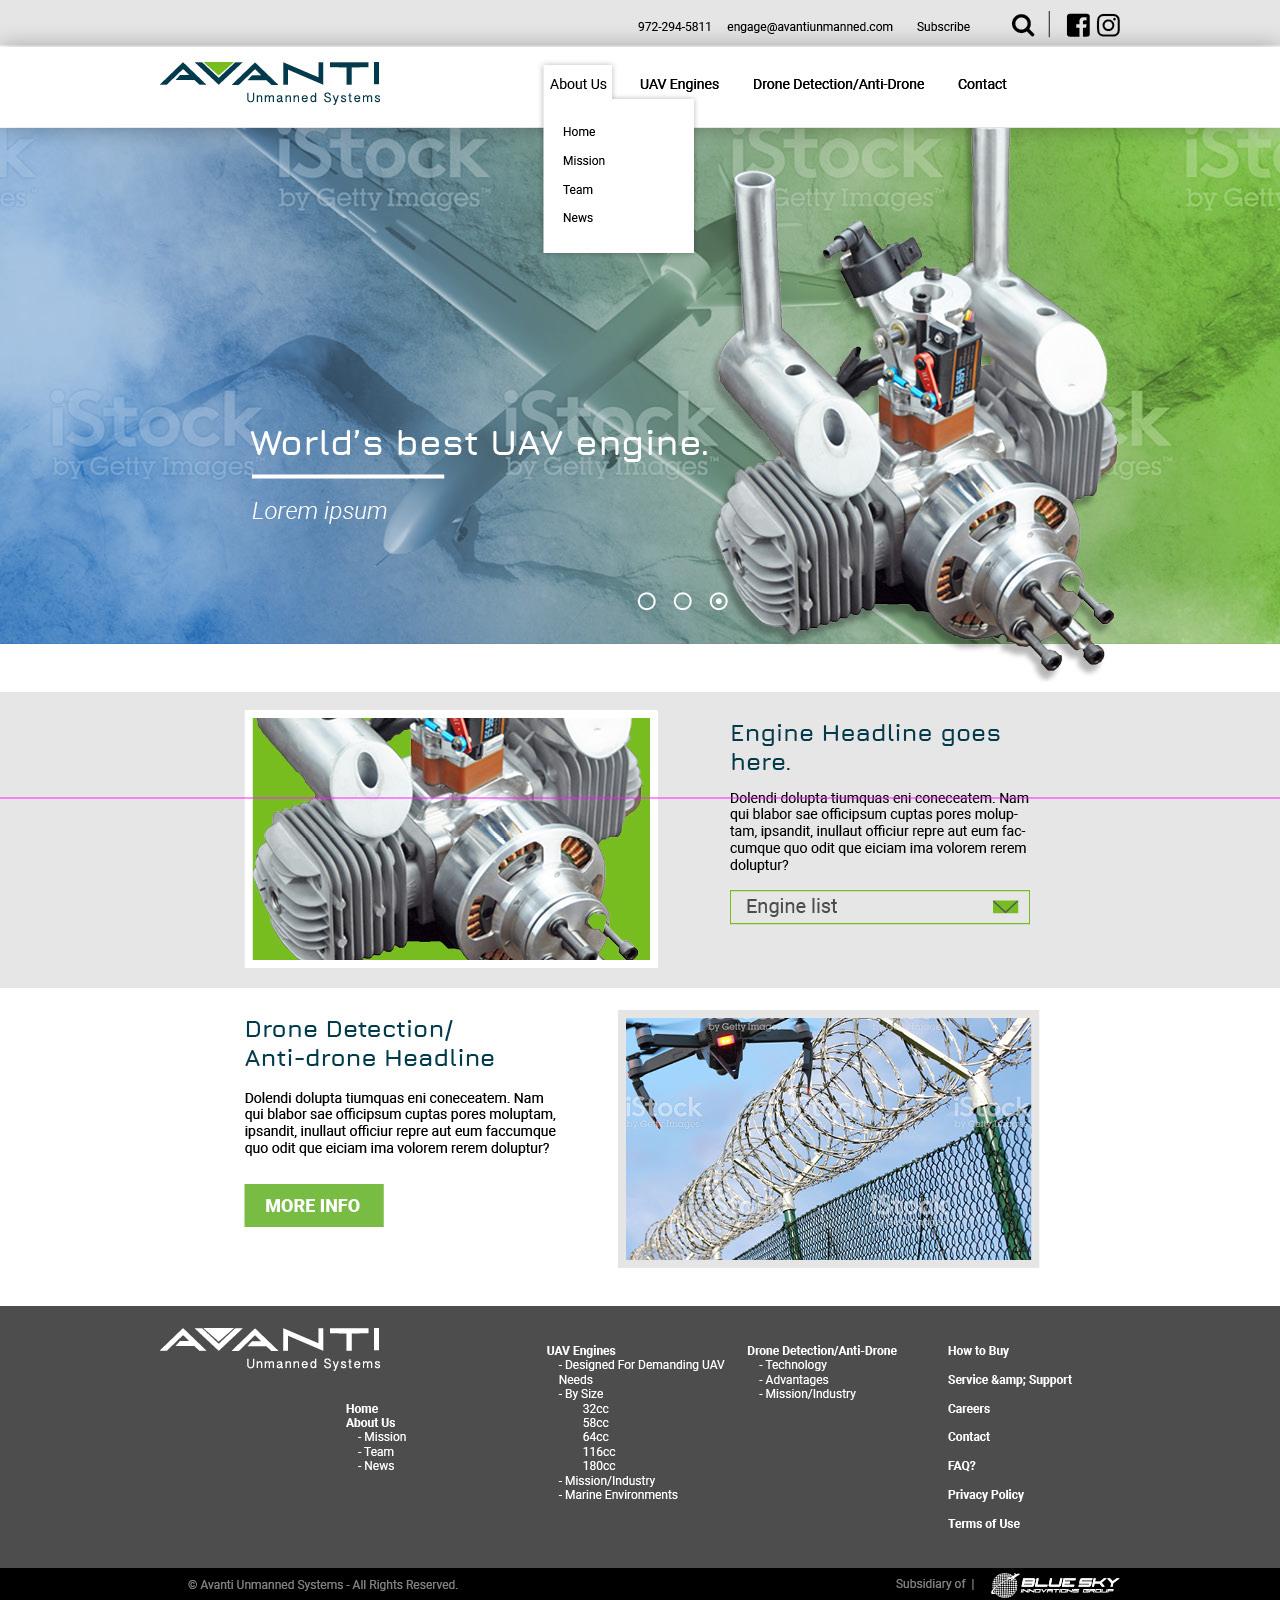 19-BSI_002_AvantiWebsite_Homepage_menu_v